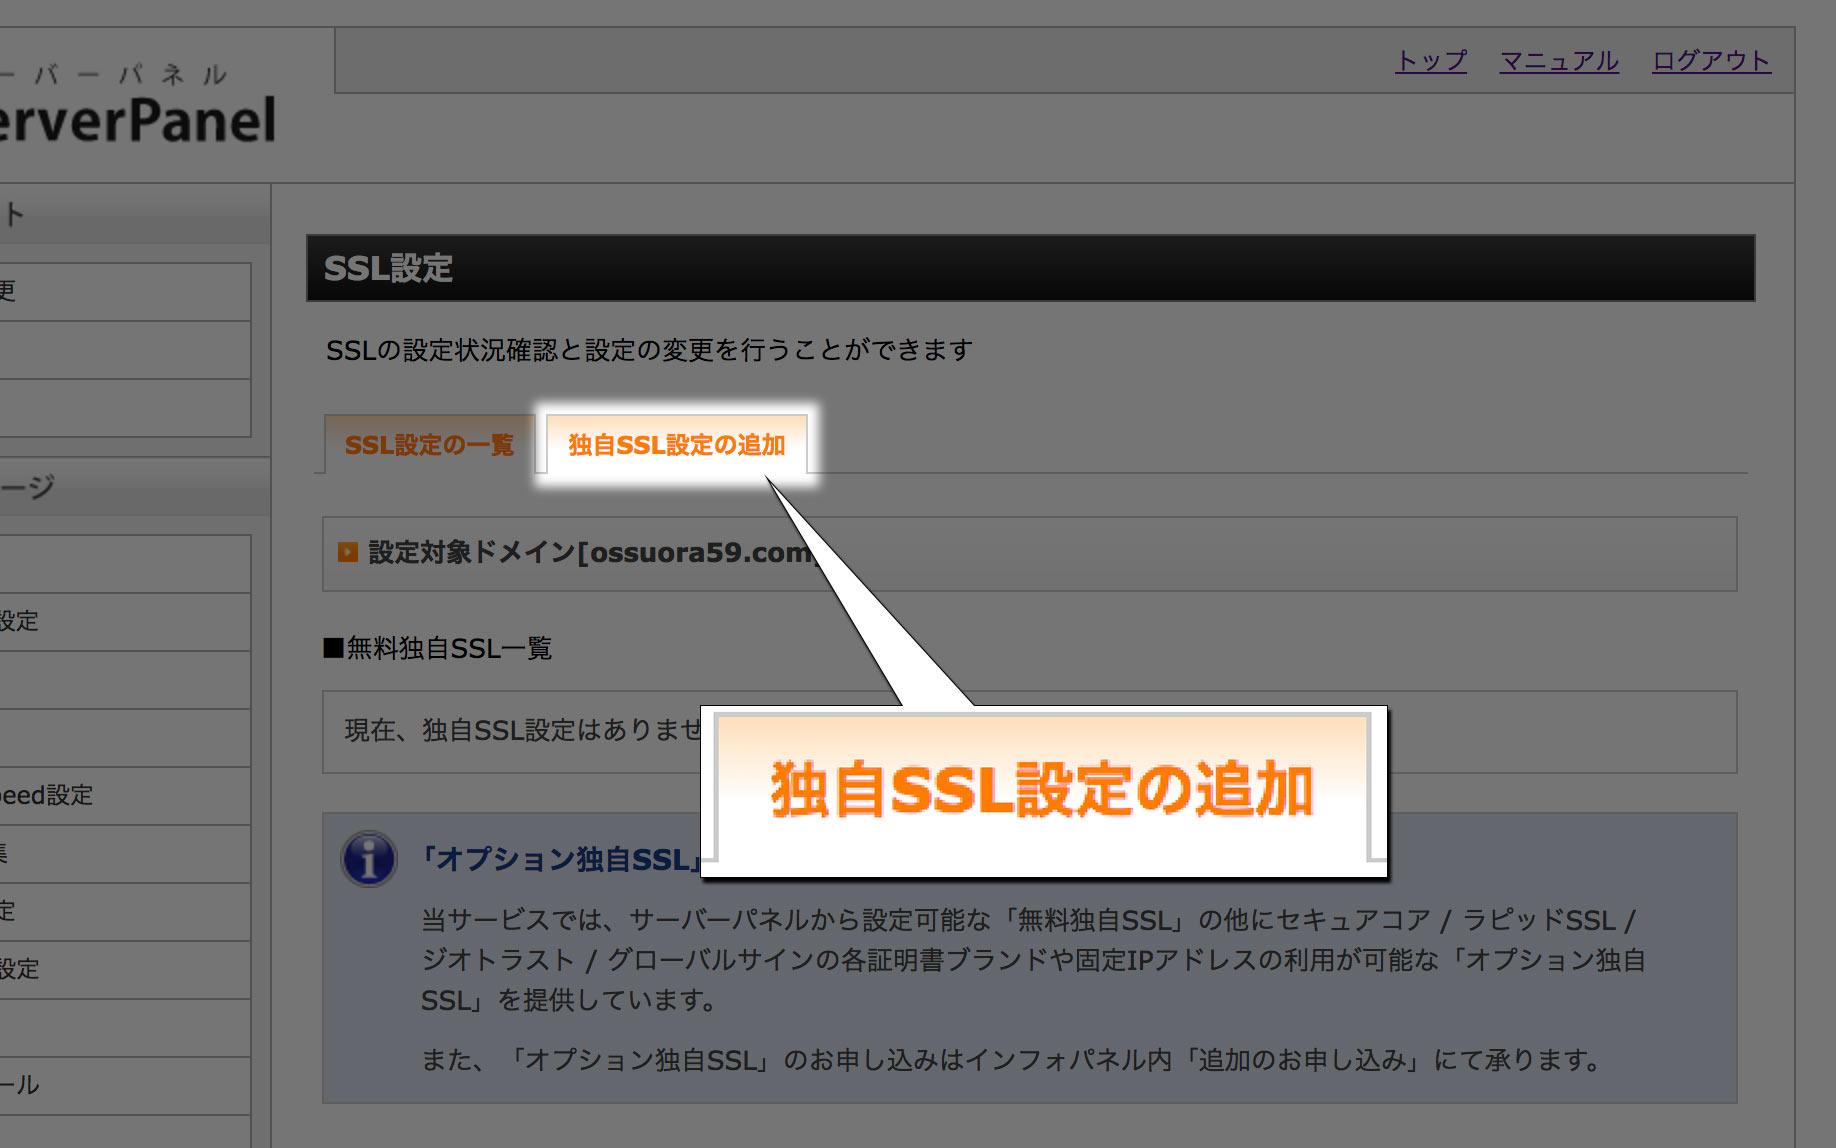 「独自SSL設定の追加」のタブをクリック